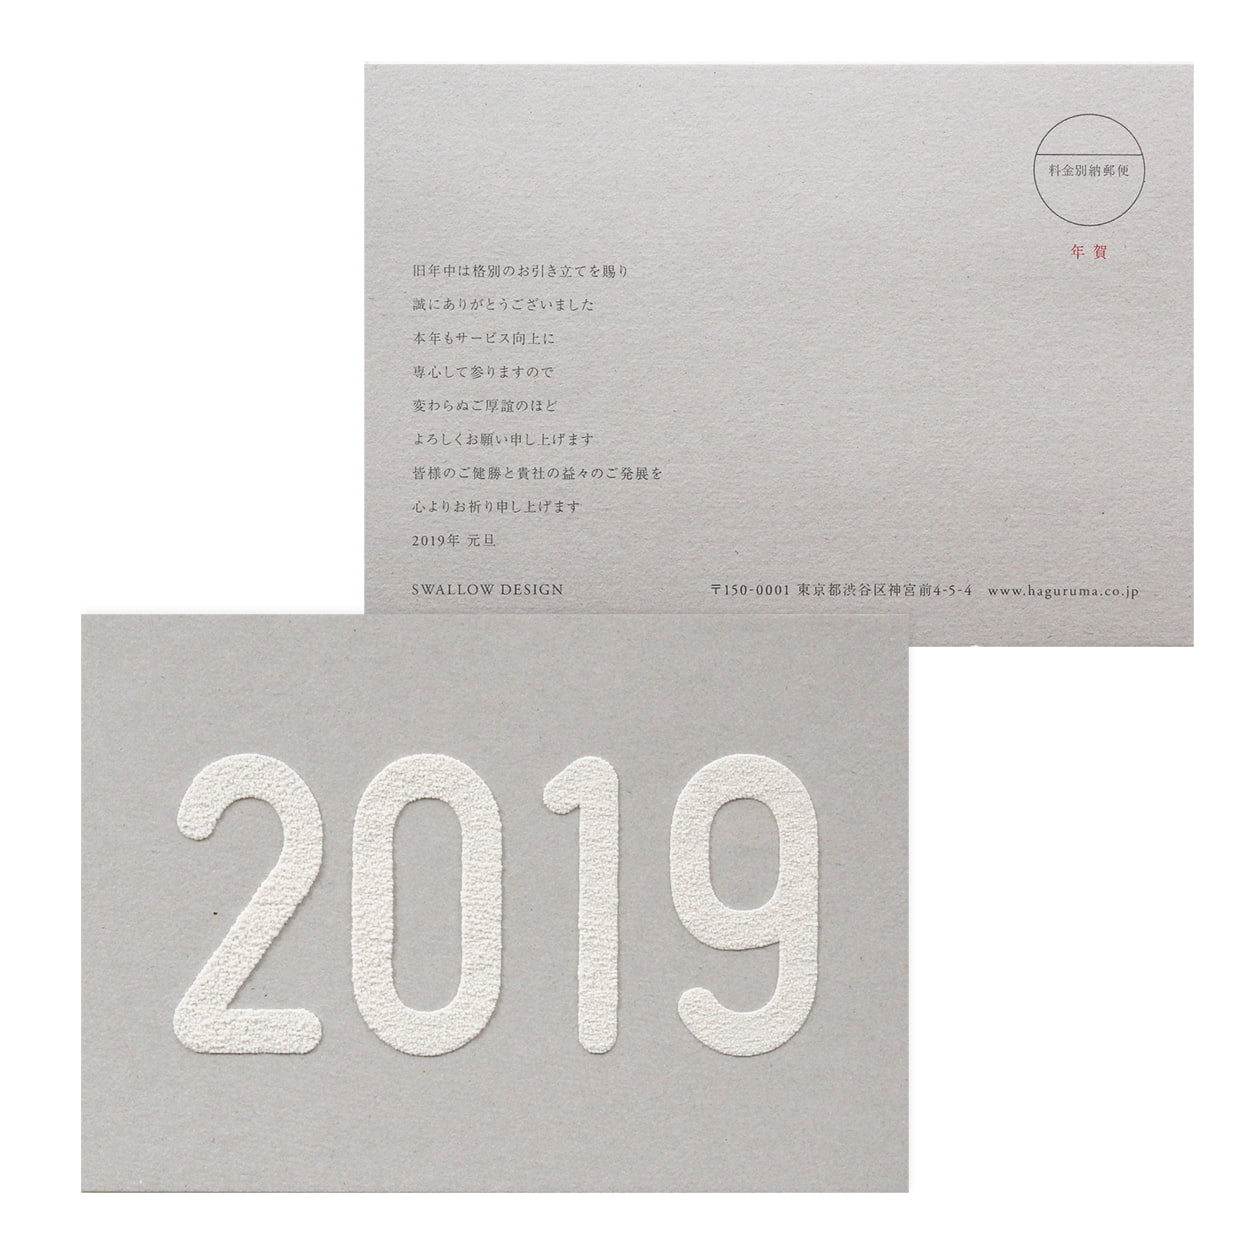 サンプル カード・シート 00256